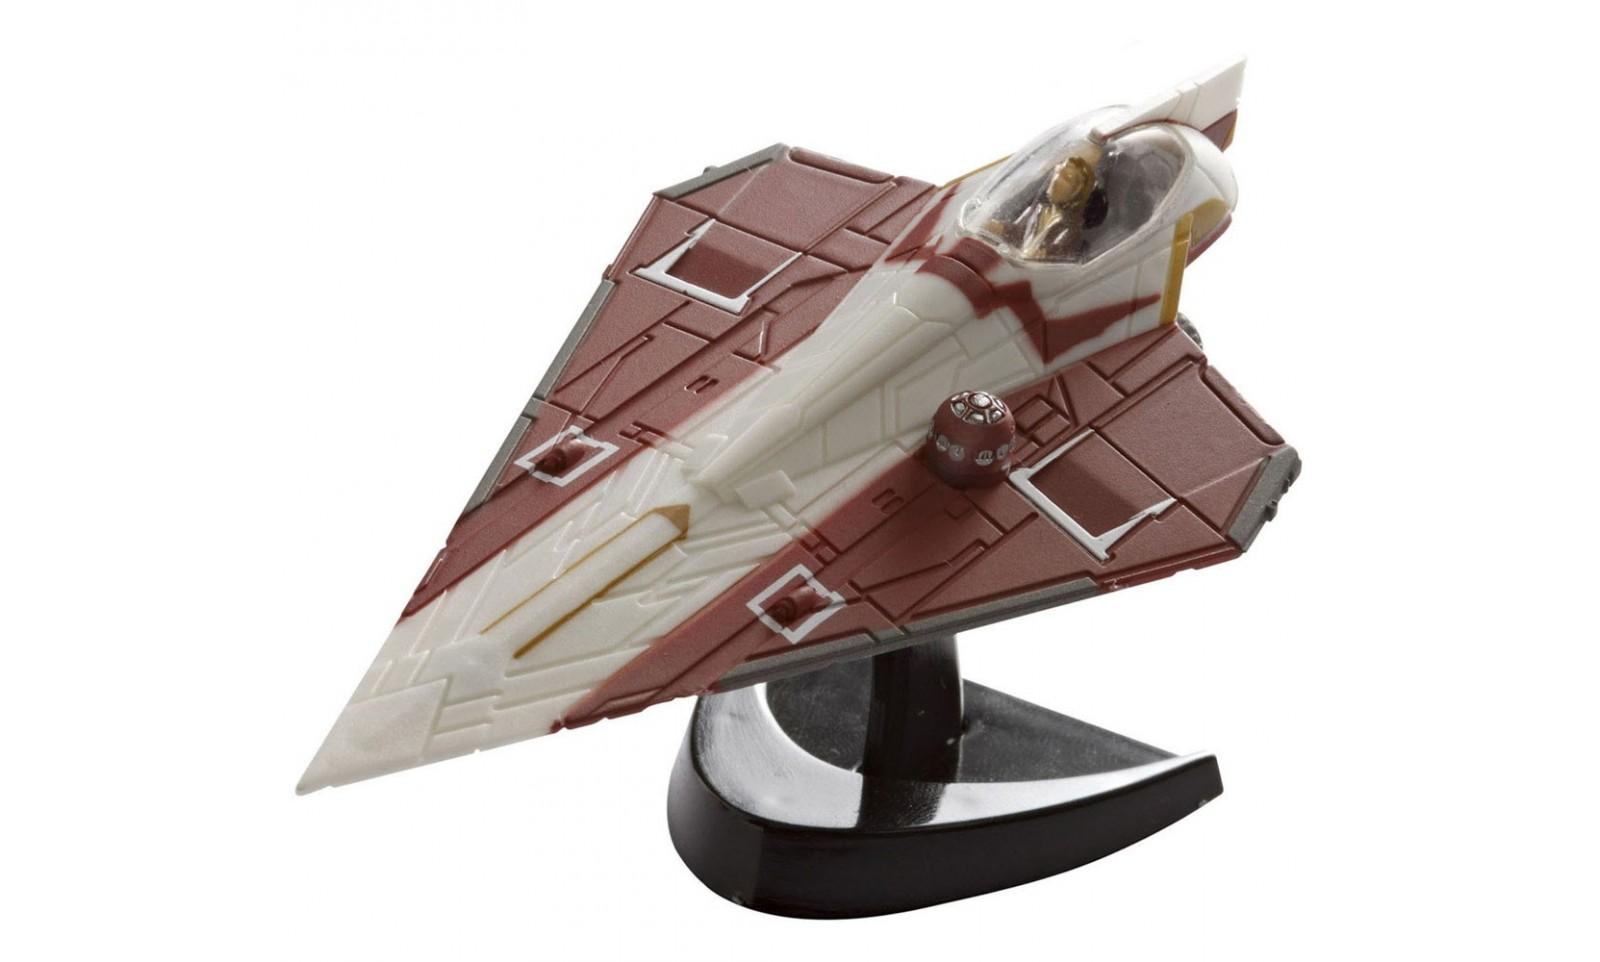 Star wars maquette vaisseau jedi starfighter 10 cm - Image star wars vaisseau ...